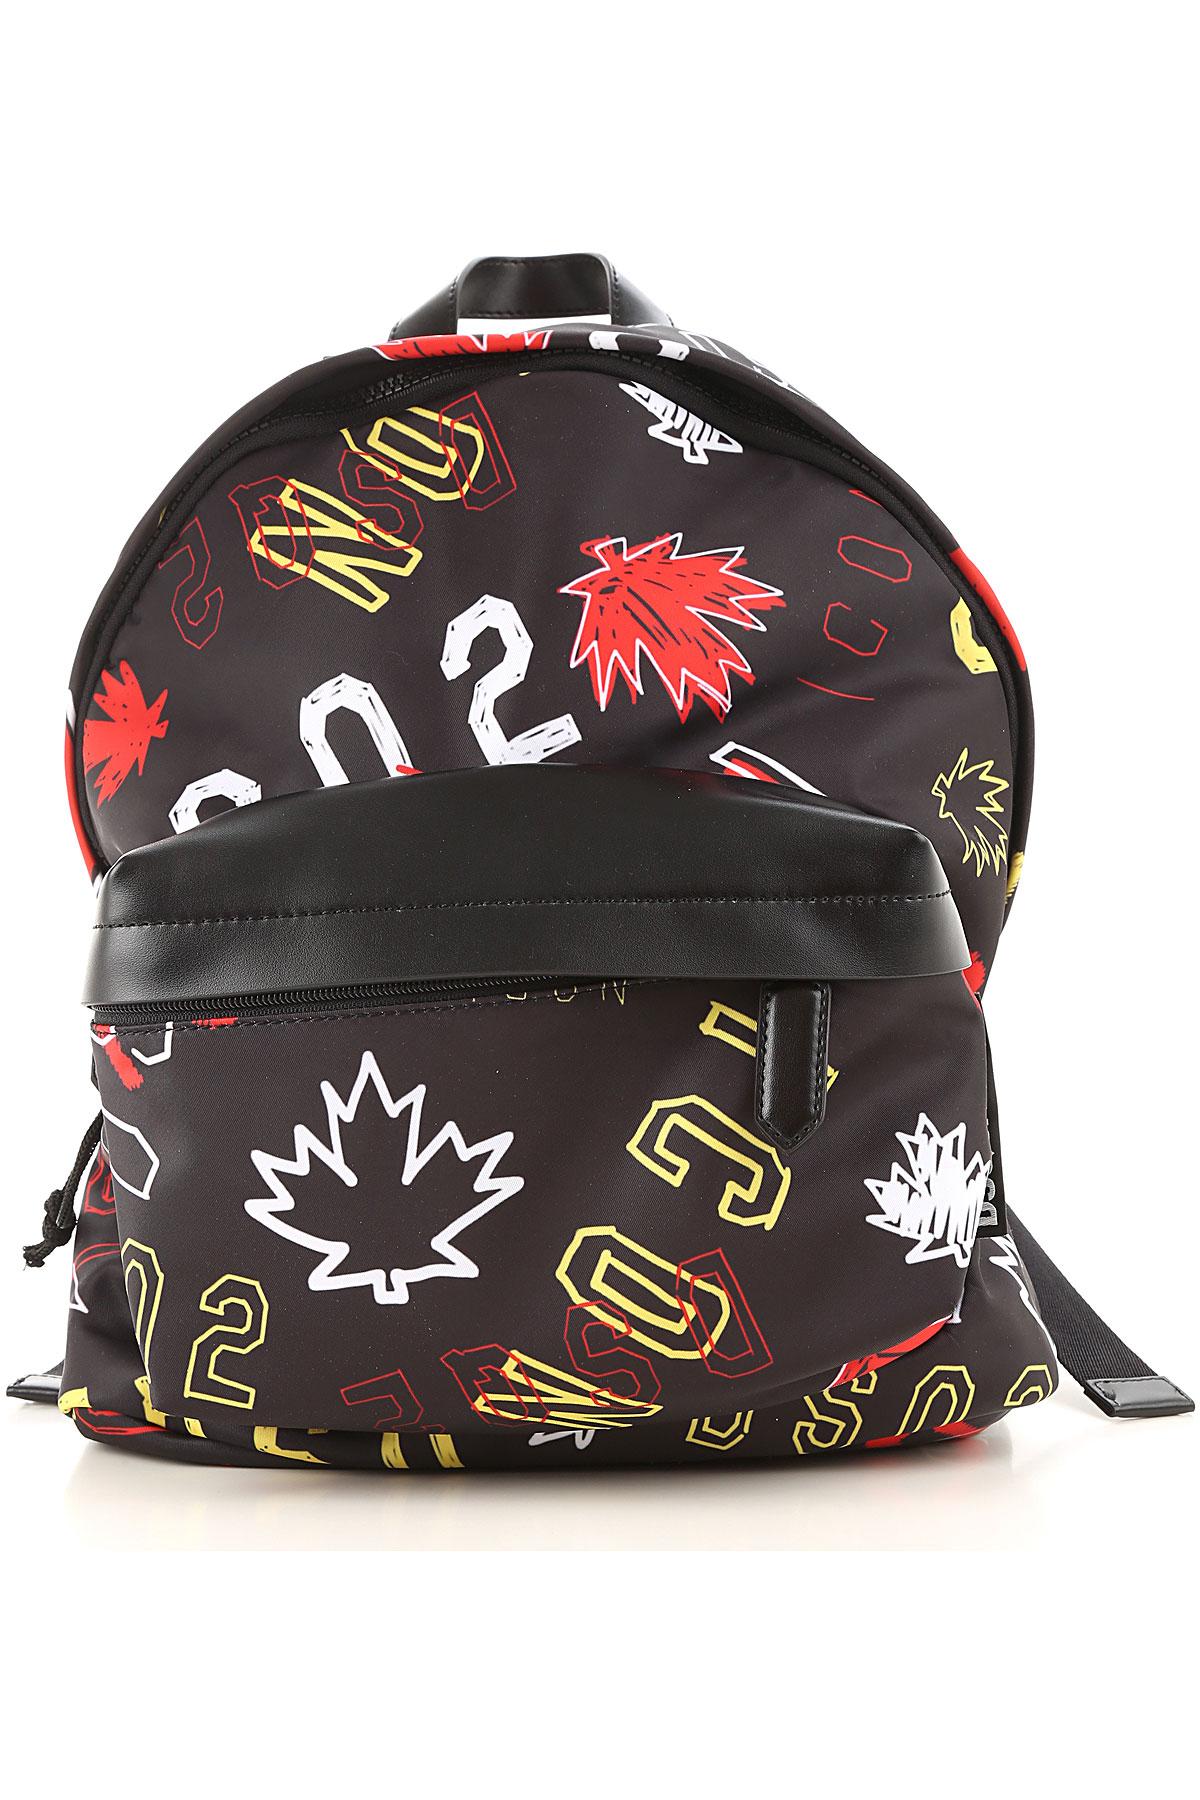 Dsquared2 Backpack for Men On Sale, Black, polyester, 2019